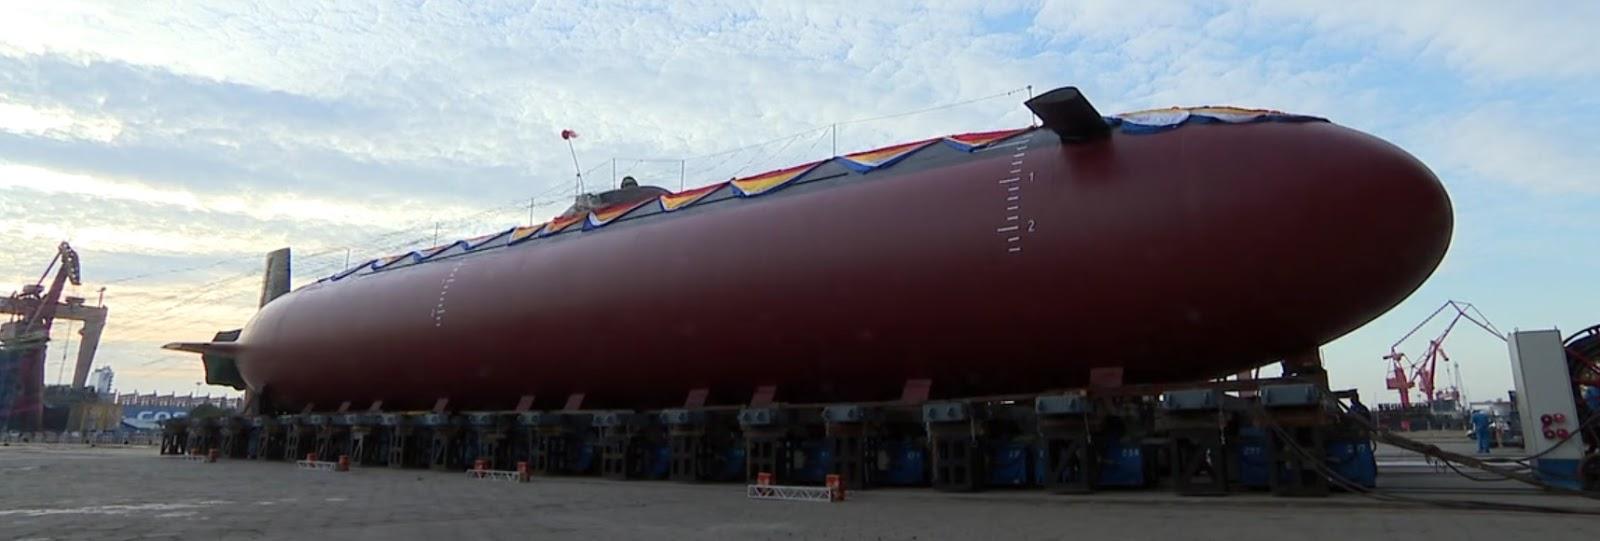 O estaleiro JN lançou o submarino em meados de outubro de 2018. Embora imagens de alta qualidade fossem compartilhadas online, poucos detalhes estavam disponíveis.